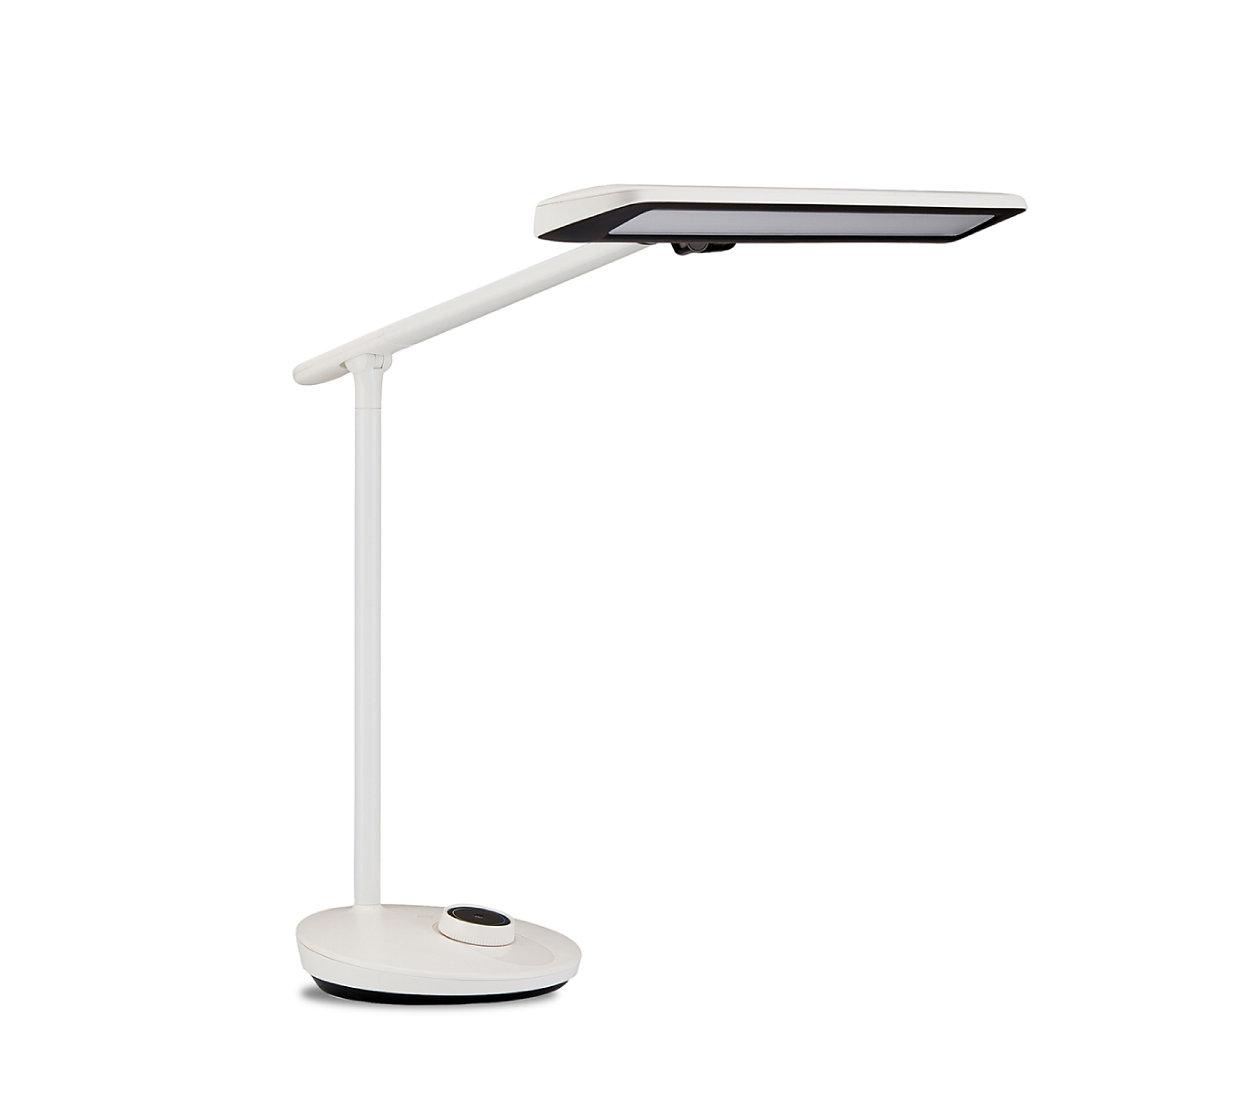 高品质的桌面照明让未来更光明